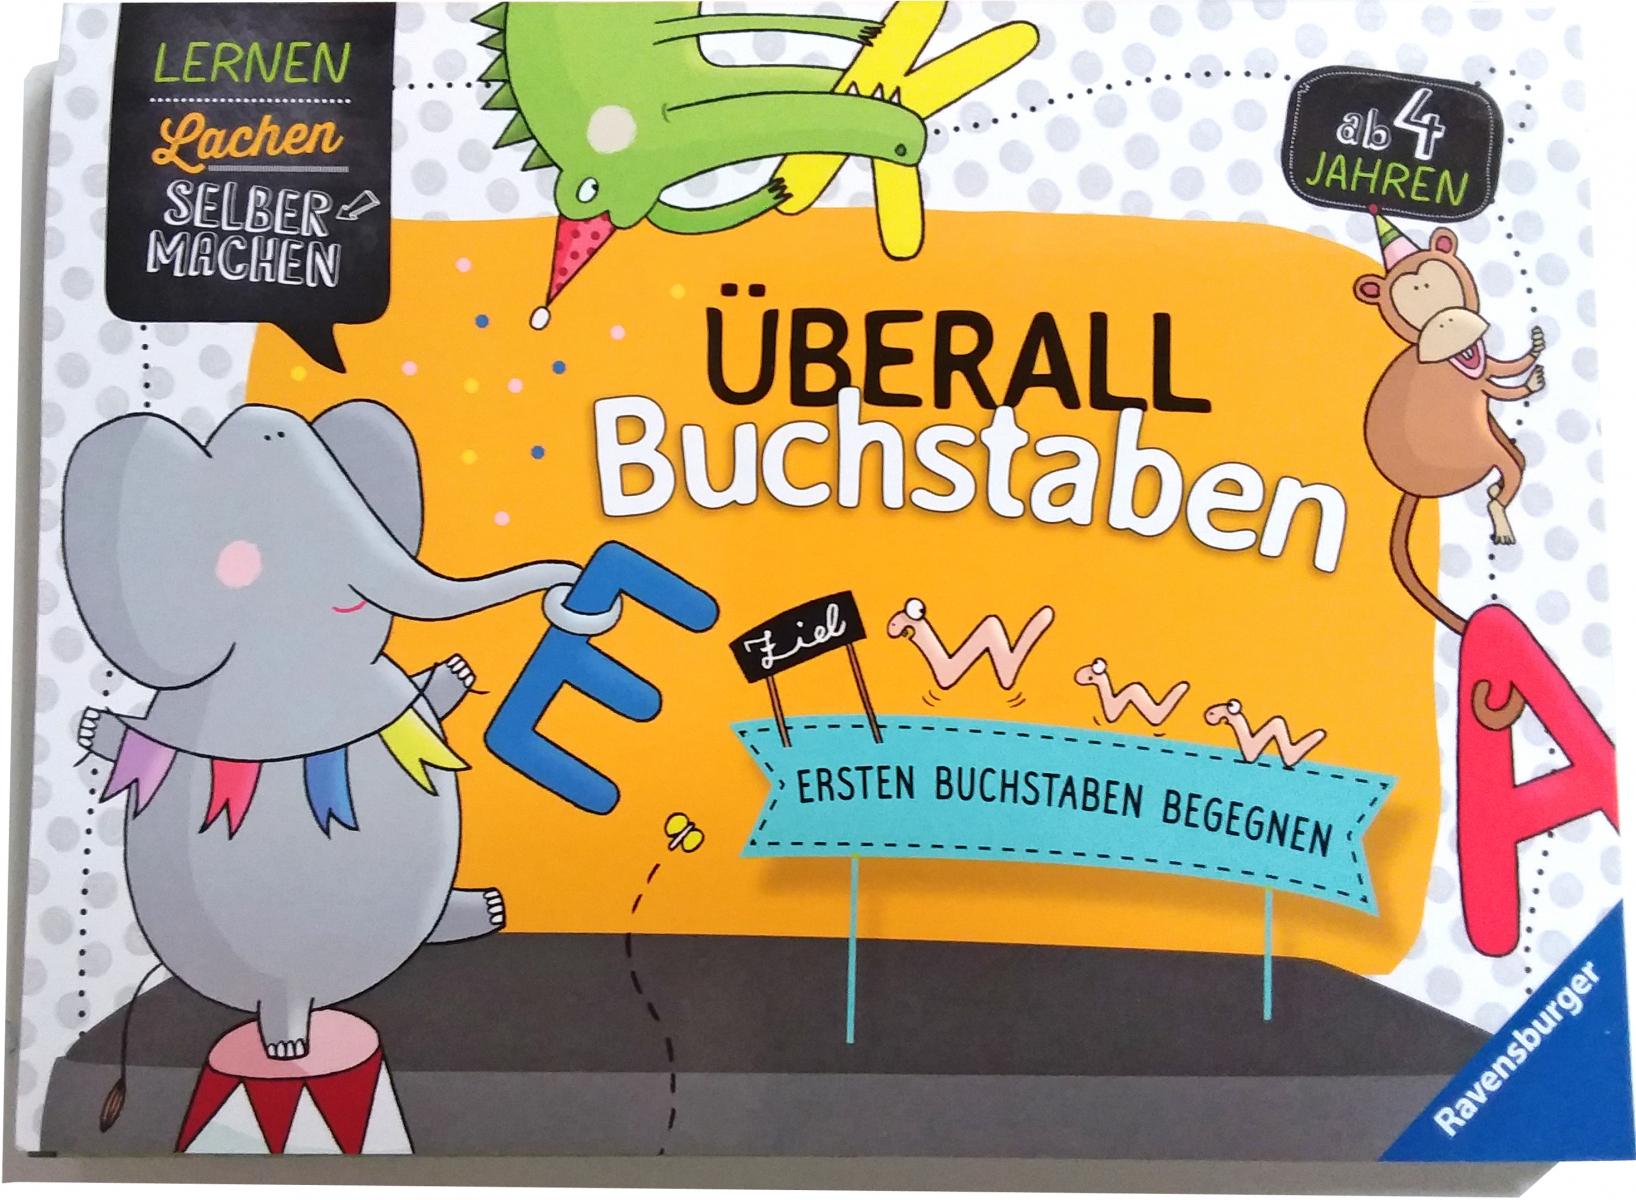 Ueberall-Buchstaben-1